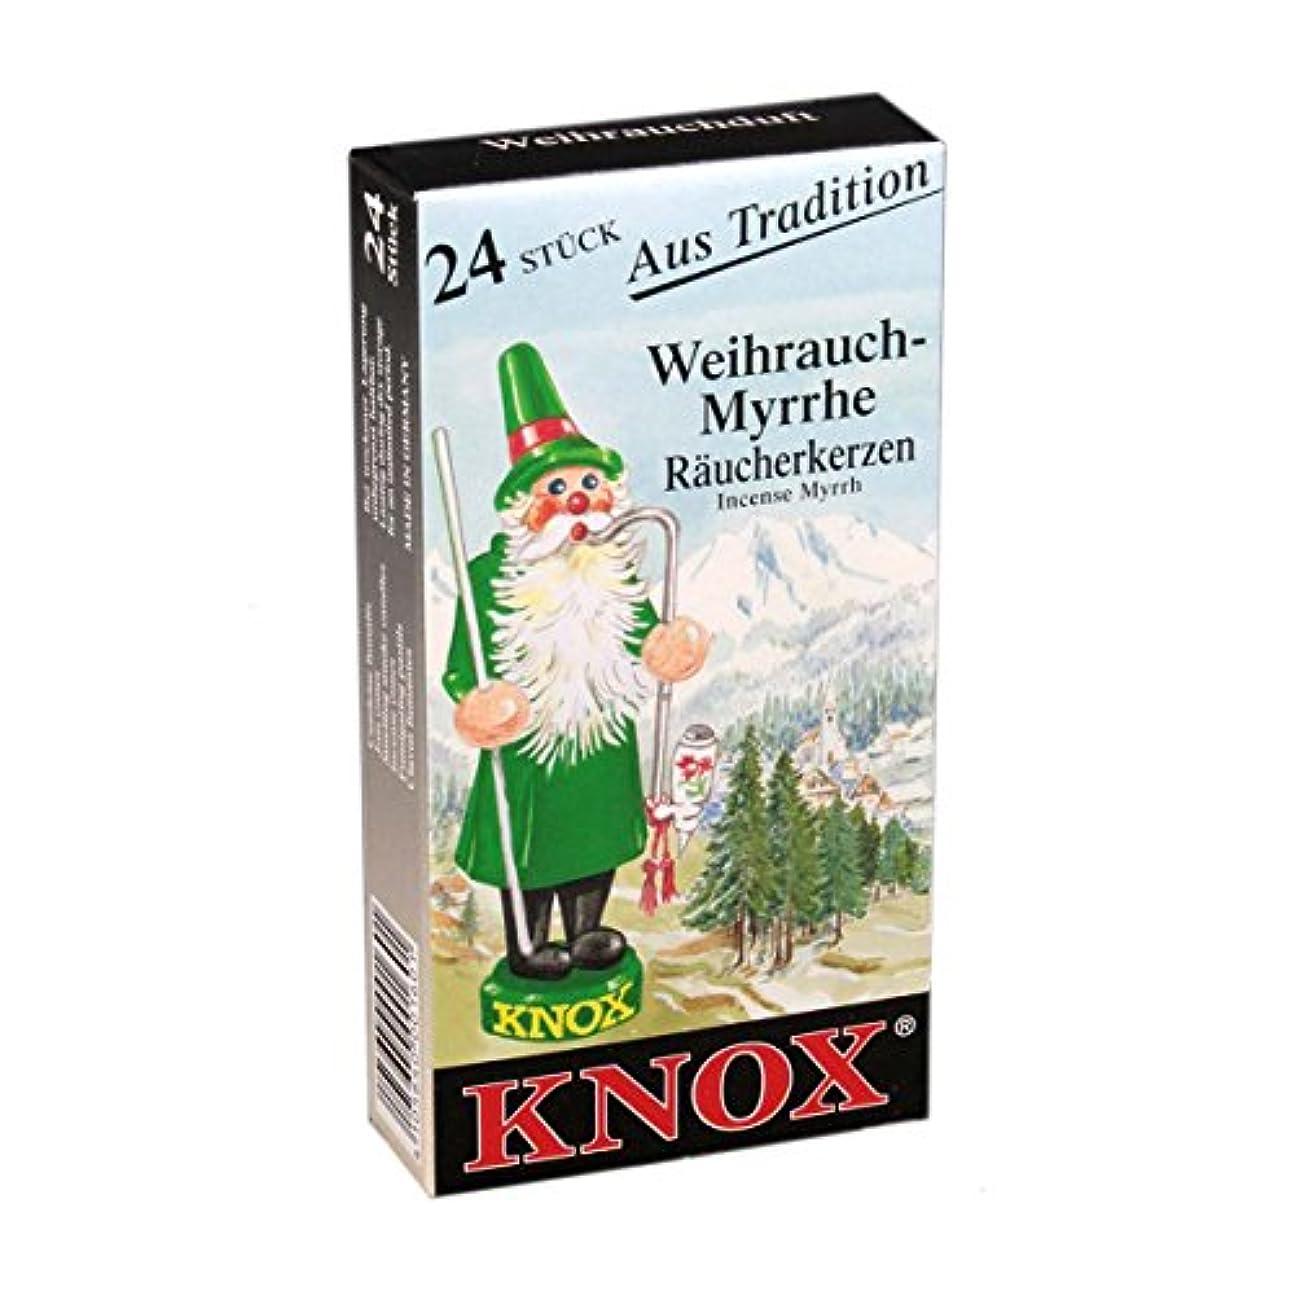 先入観補うアンタゴニストKnox ドイツ製円錐香 ブラック 69 013120